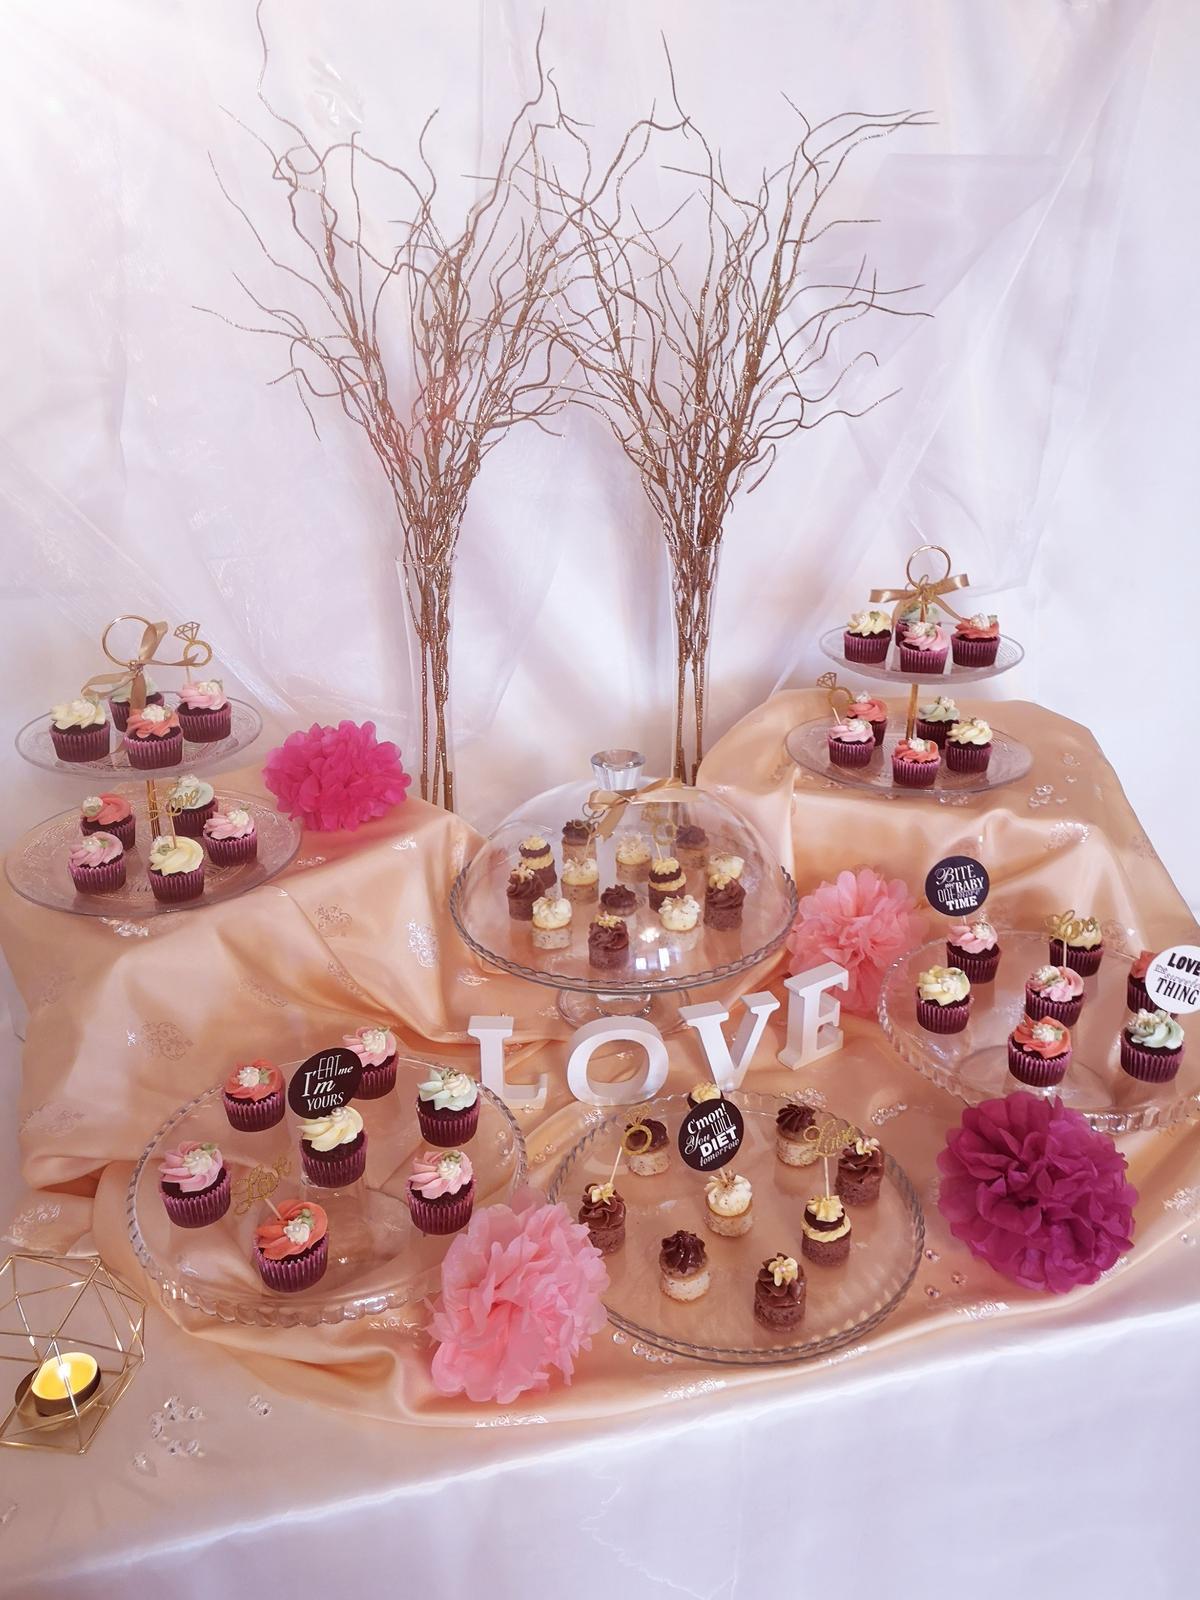 Prenájom - Candy bar set 1015 - Obrázok č. 1